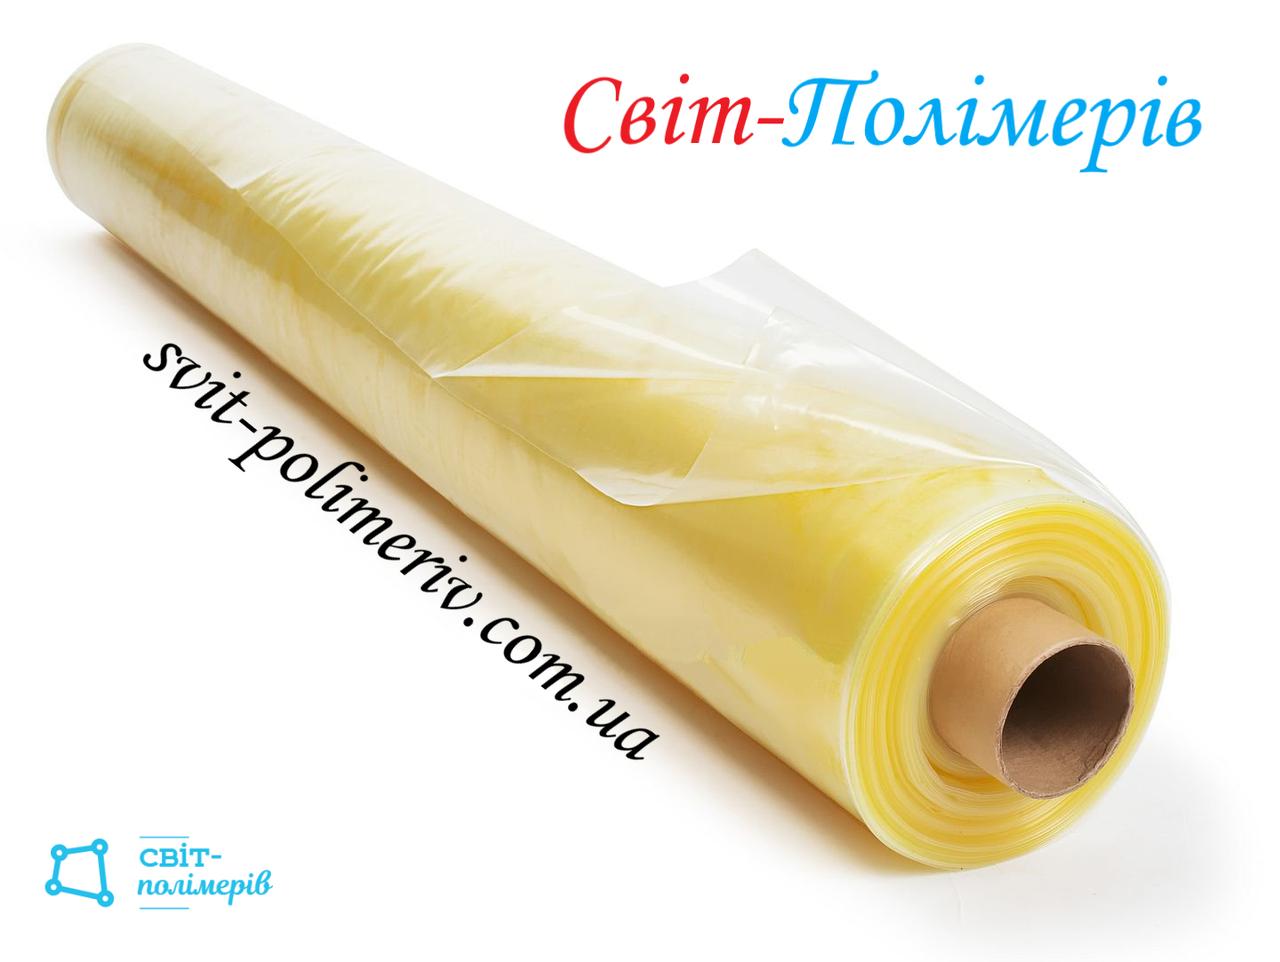 Пленка тепличная желтая UV 24 мес. РУКАВ 3 м, 160 мкм (вес 44-45 кг)